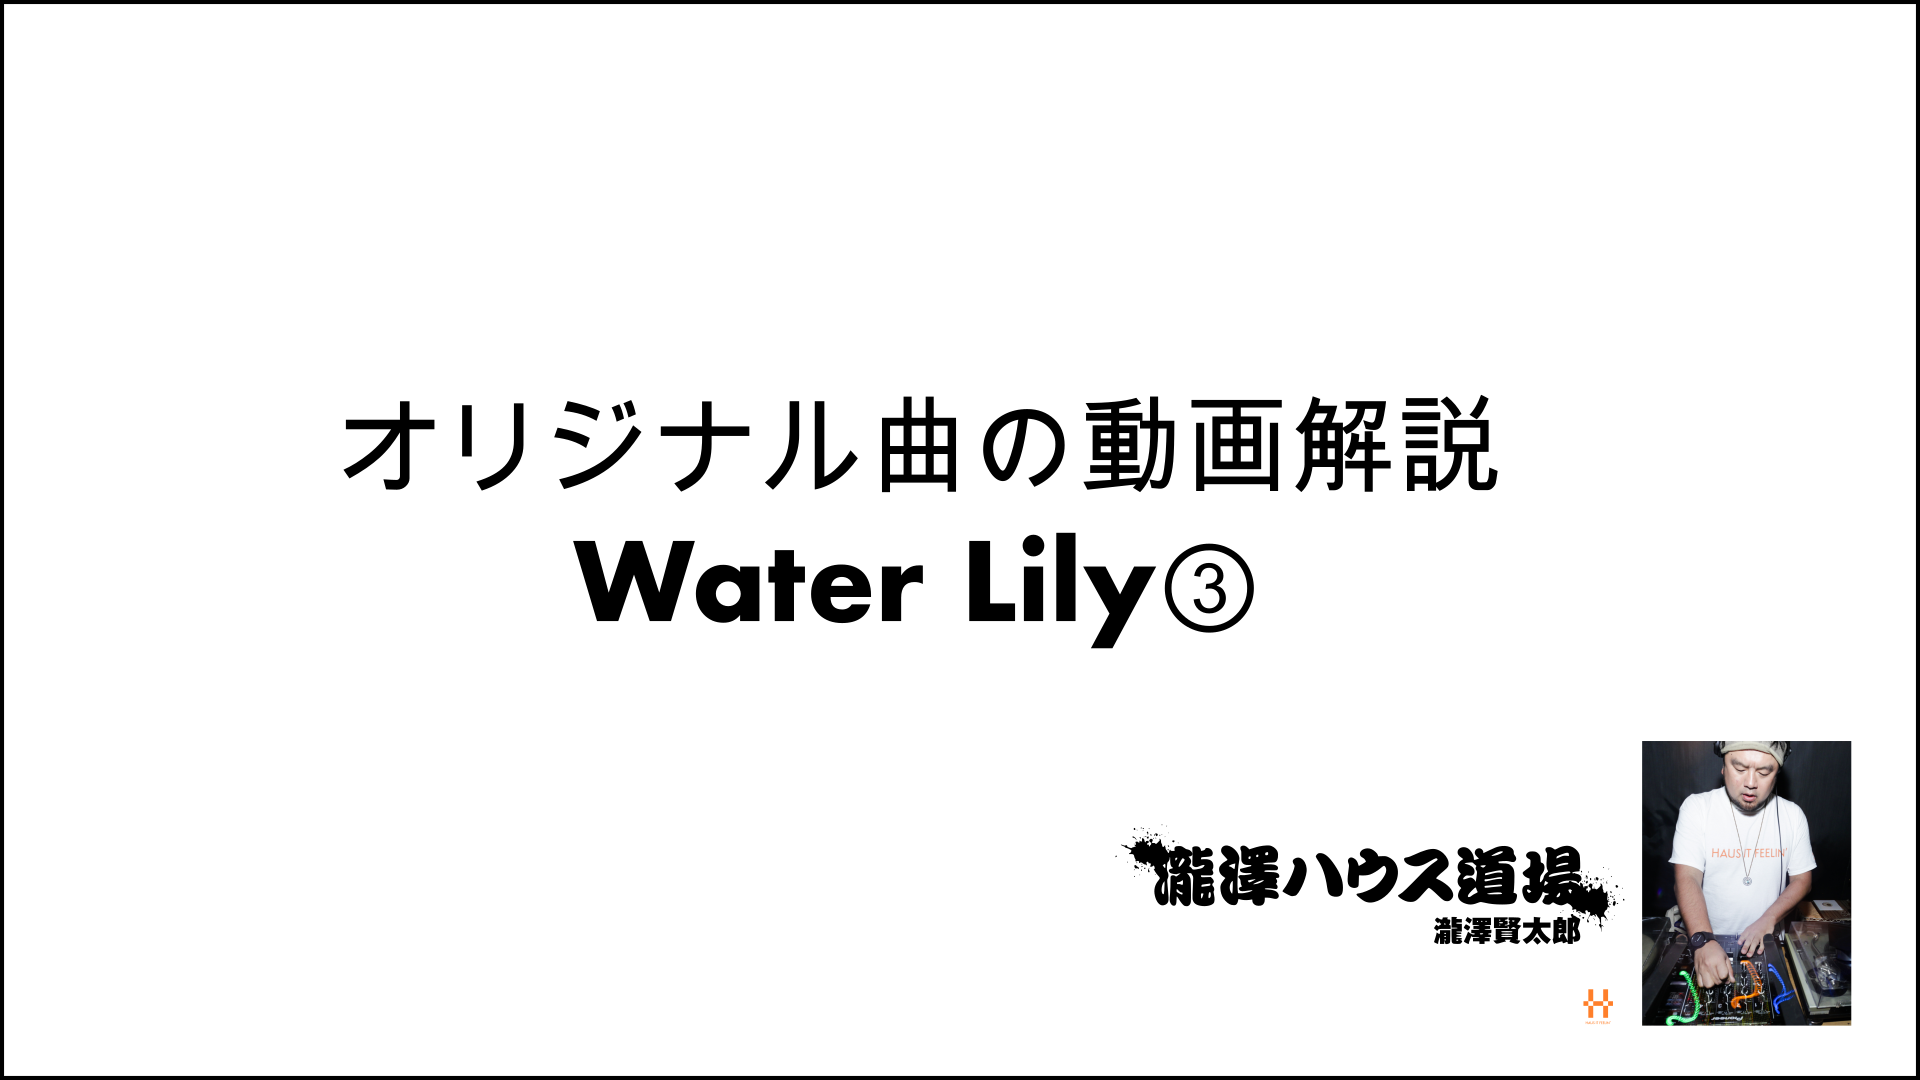 オリジナル曲の動画解説Water Lily③201104